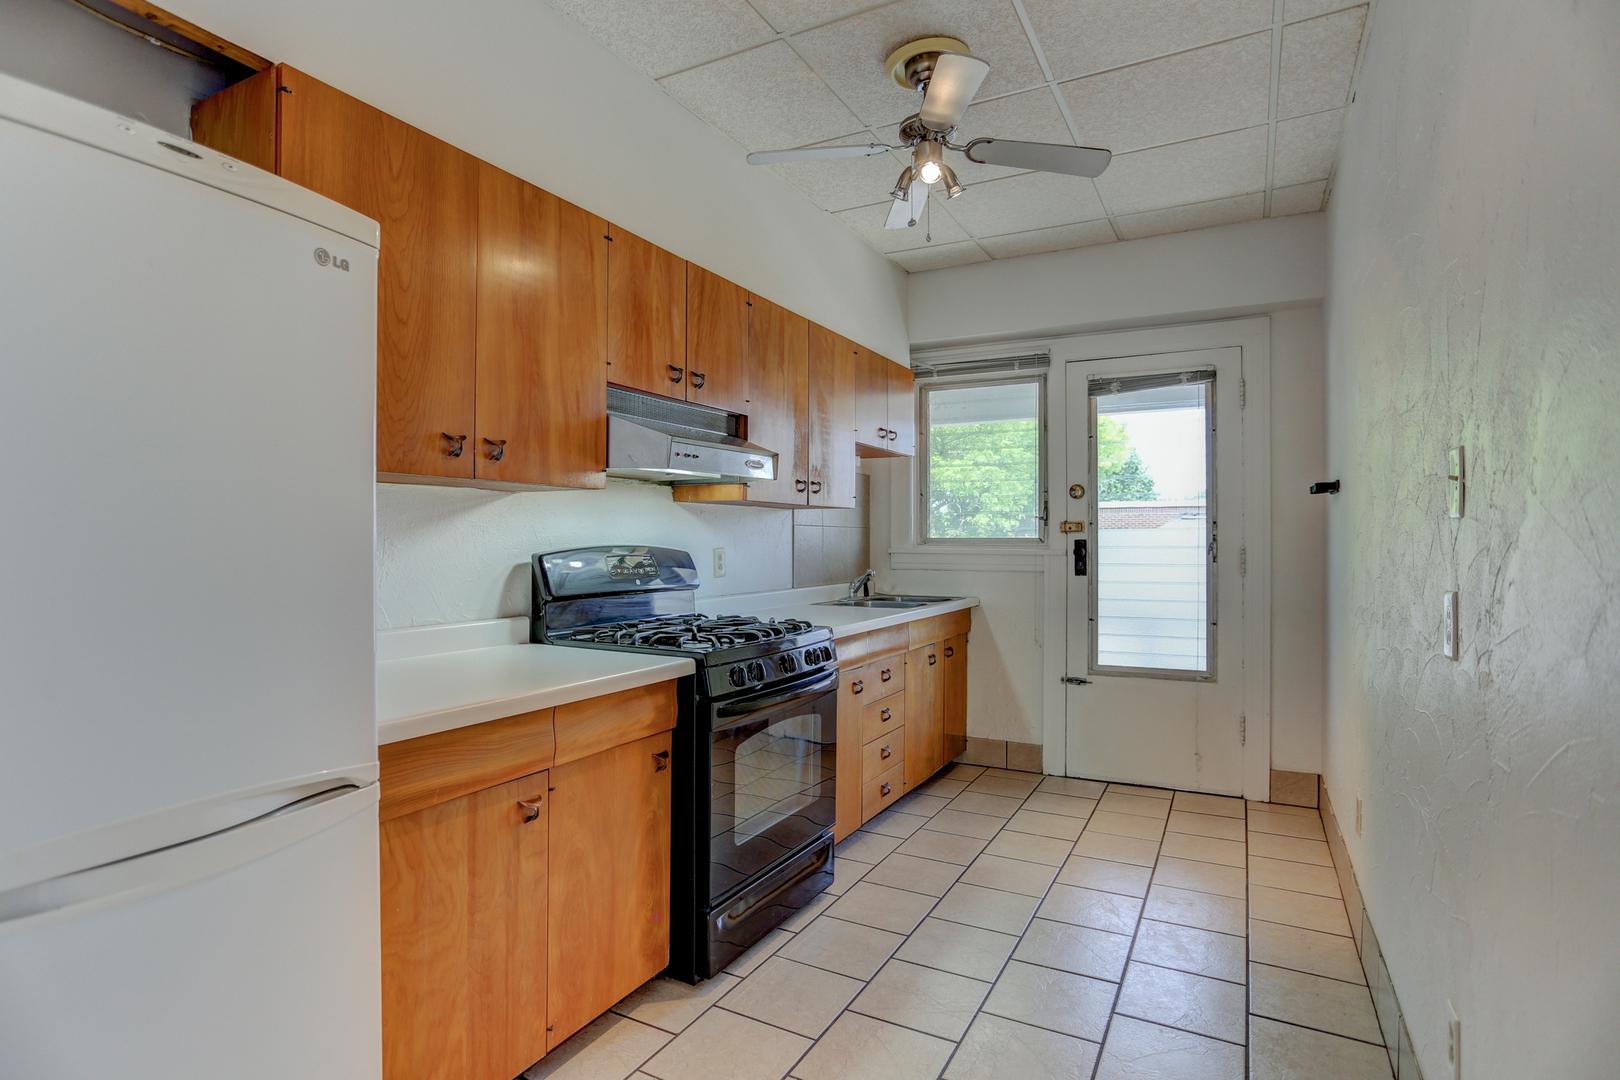 410 North STATE 14, Champaign, Illinois, 61820